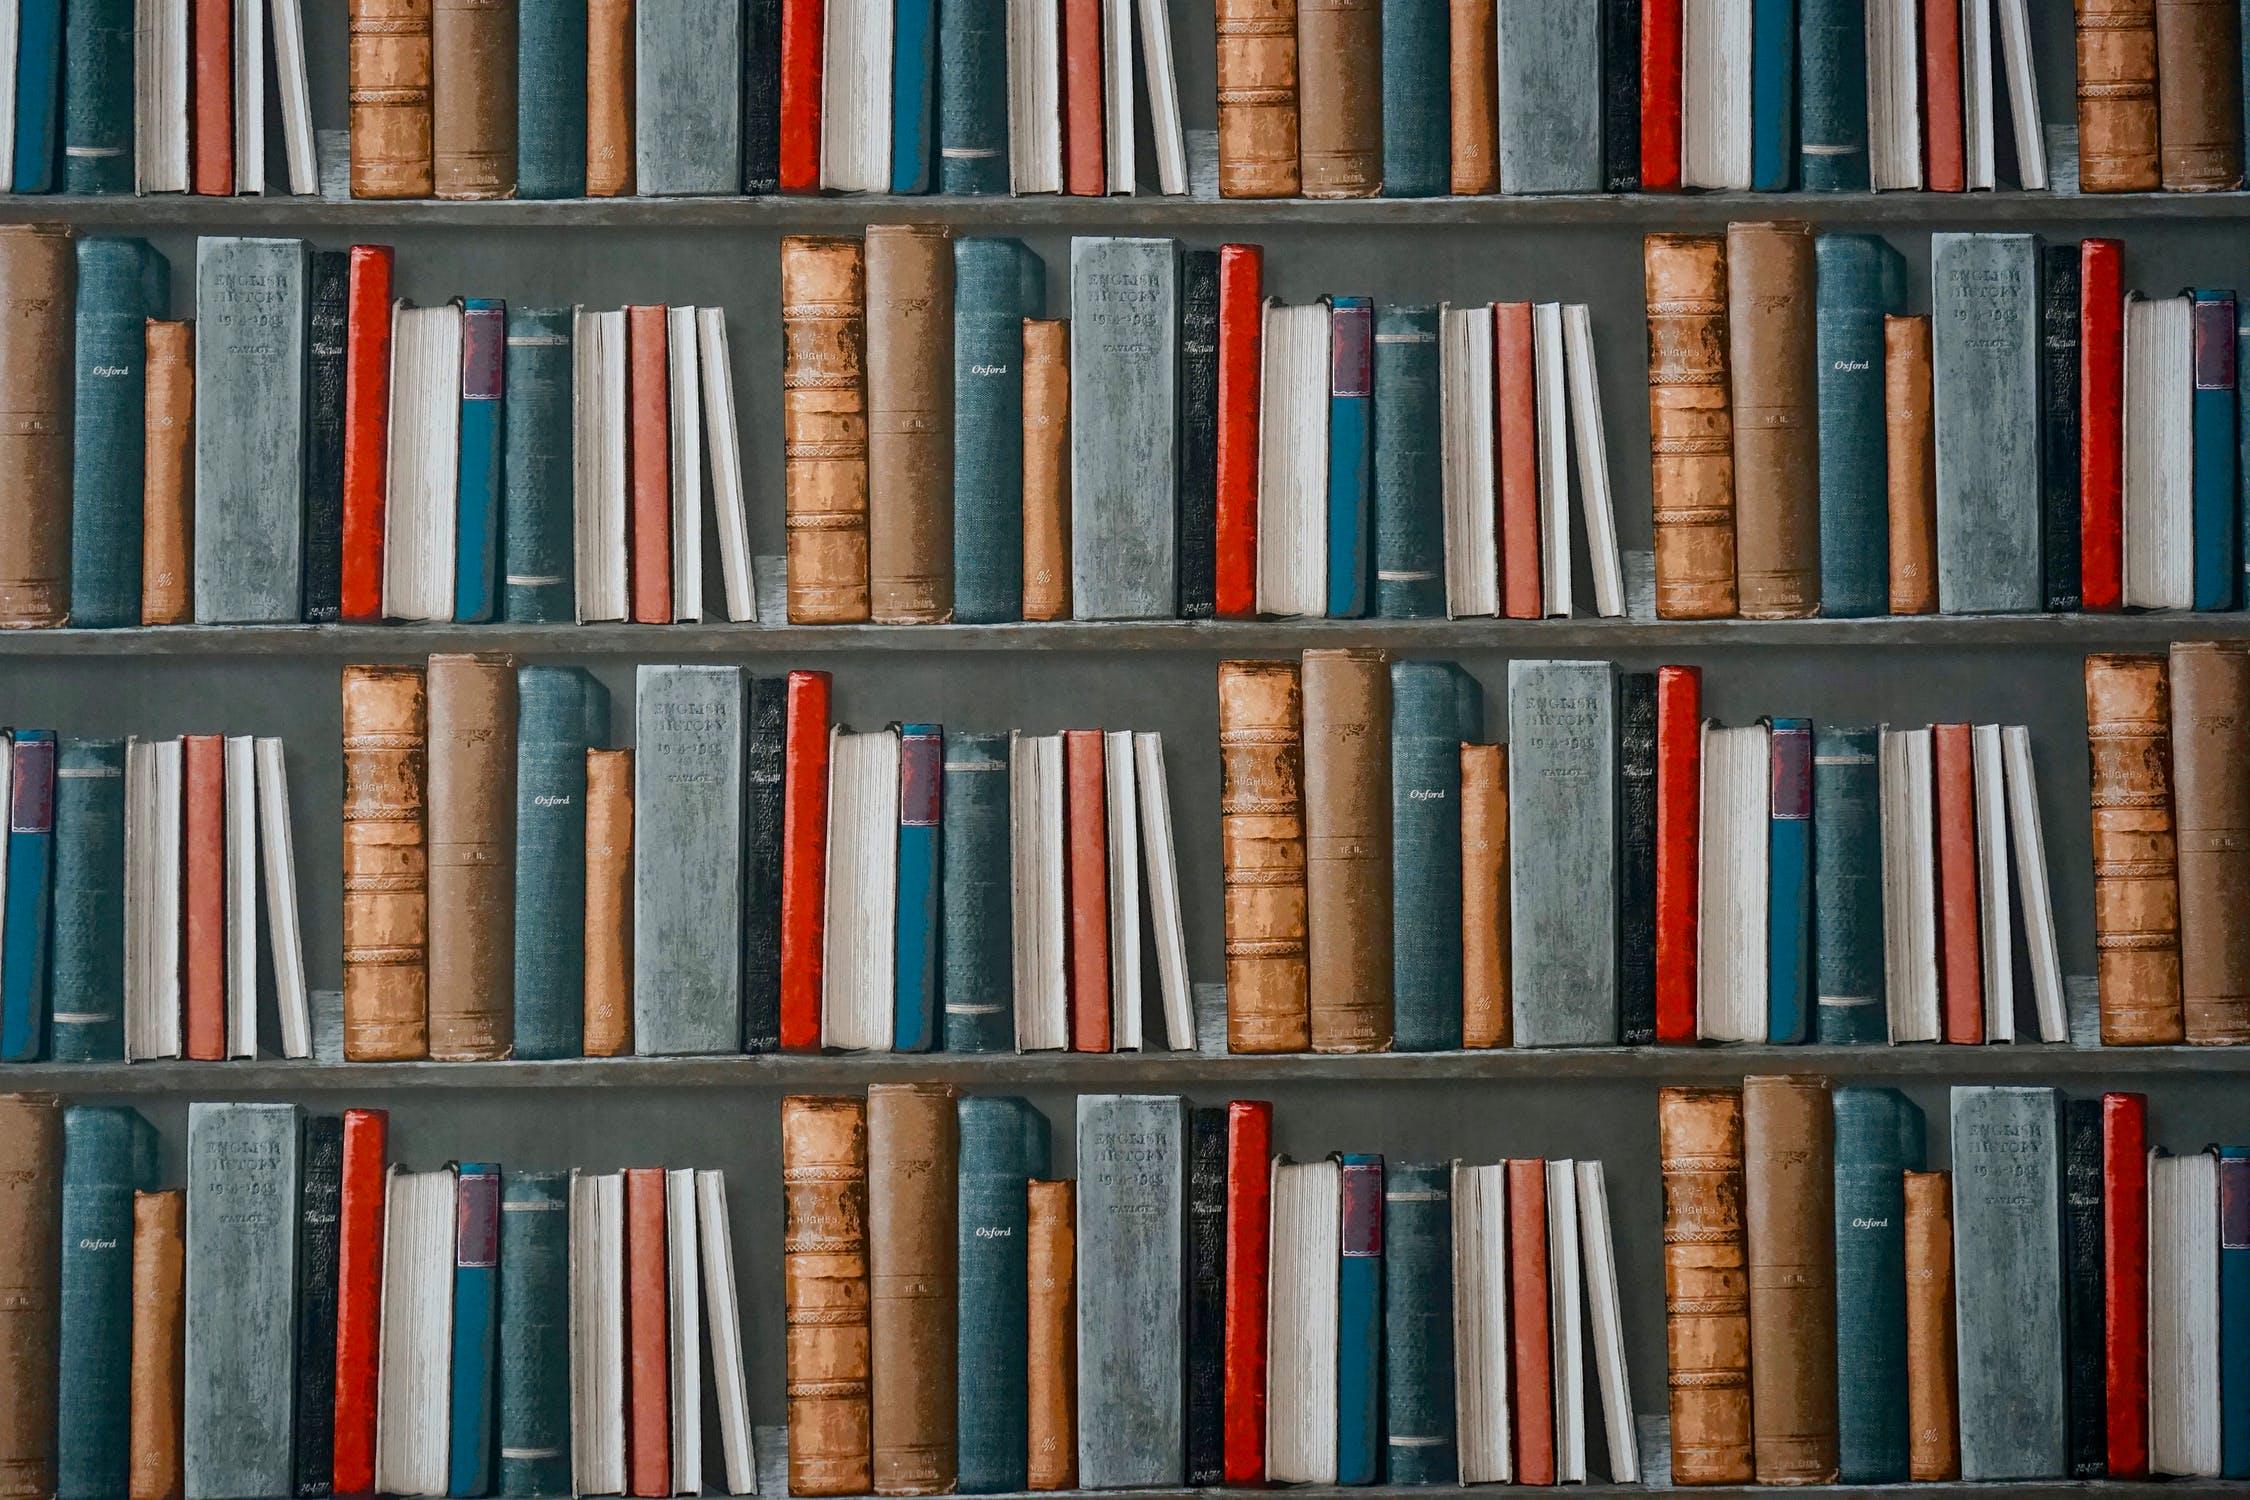 What does Warren Buffett read?